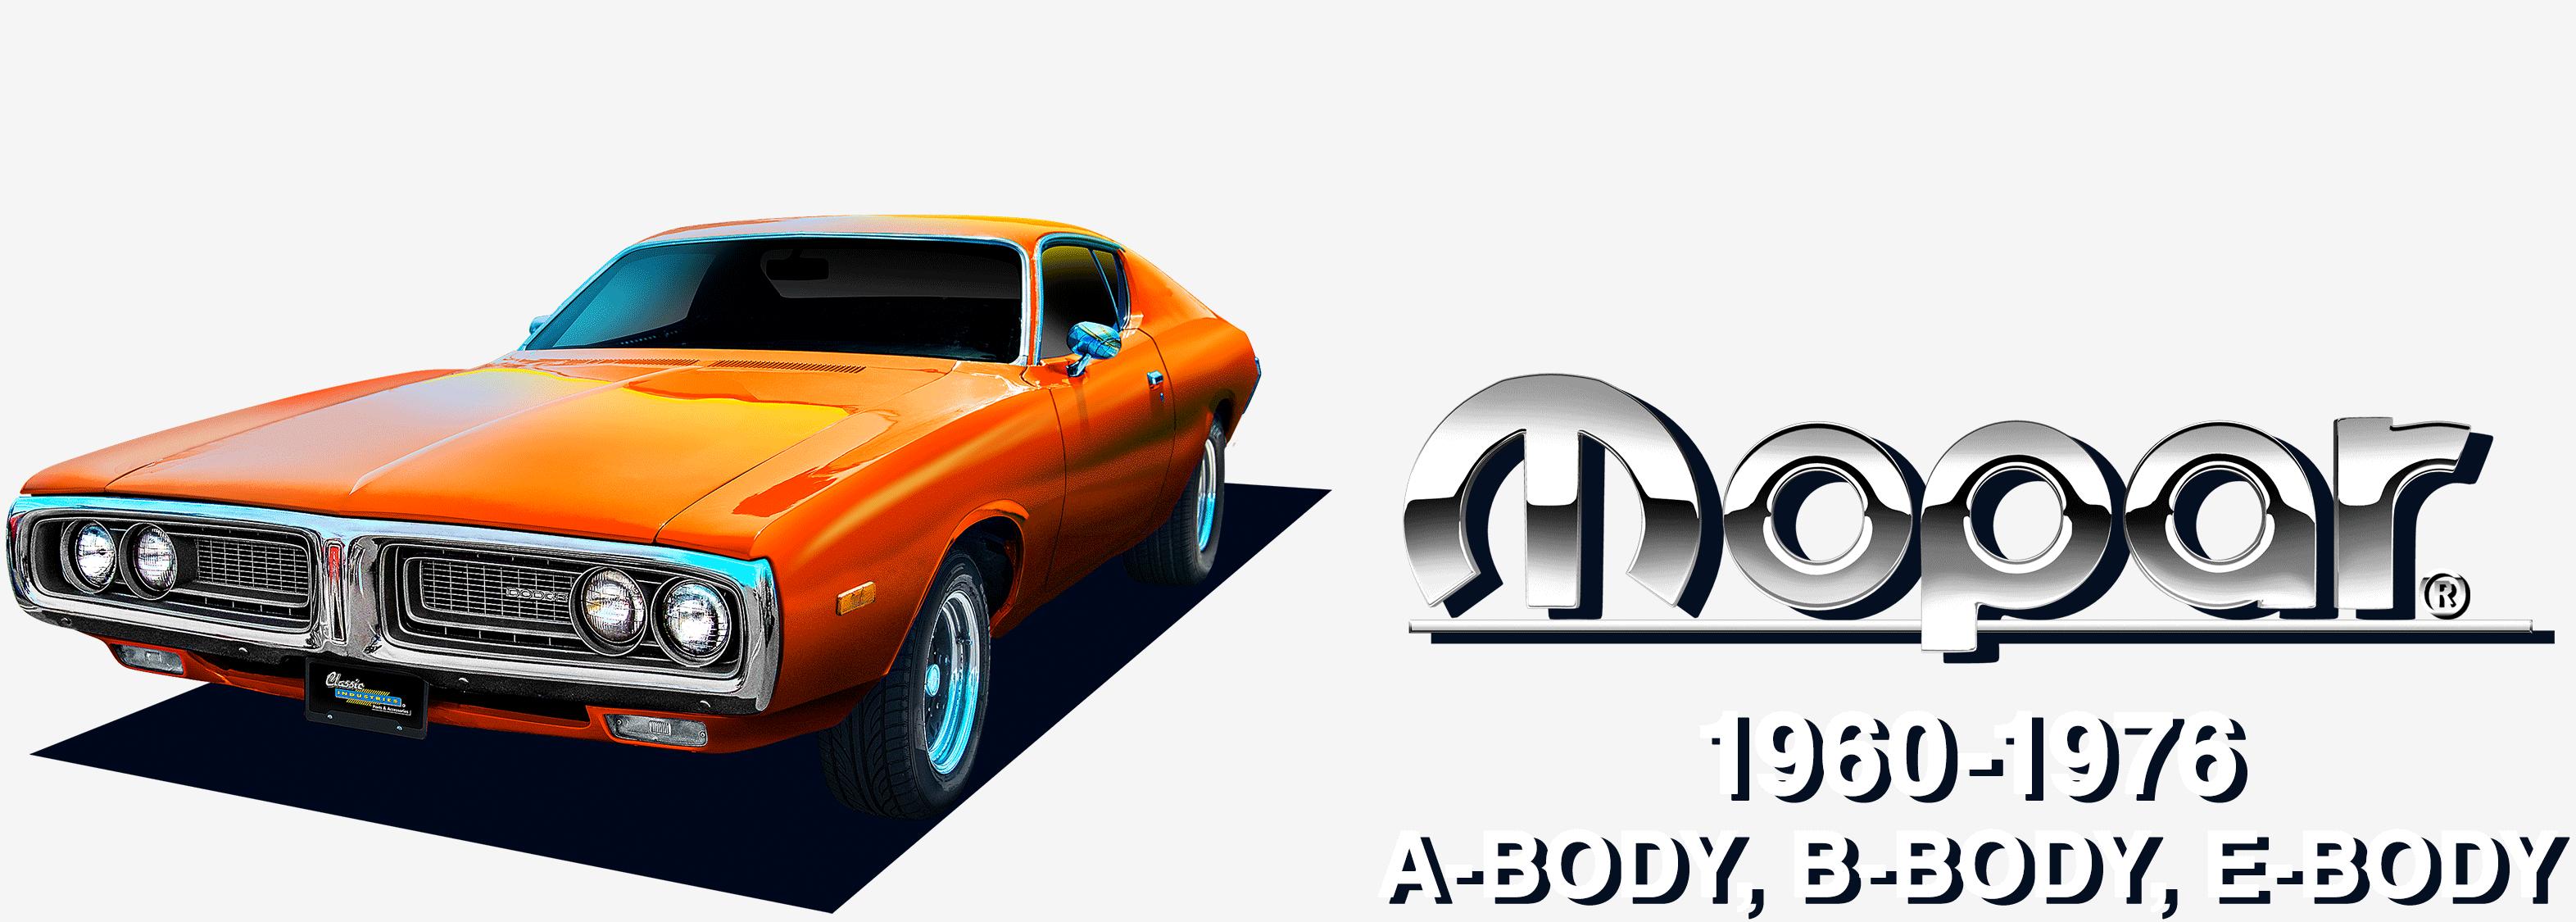 Mopar 1960-1976 A-Body, B-Body, E-Body